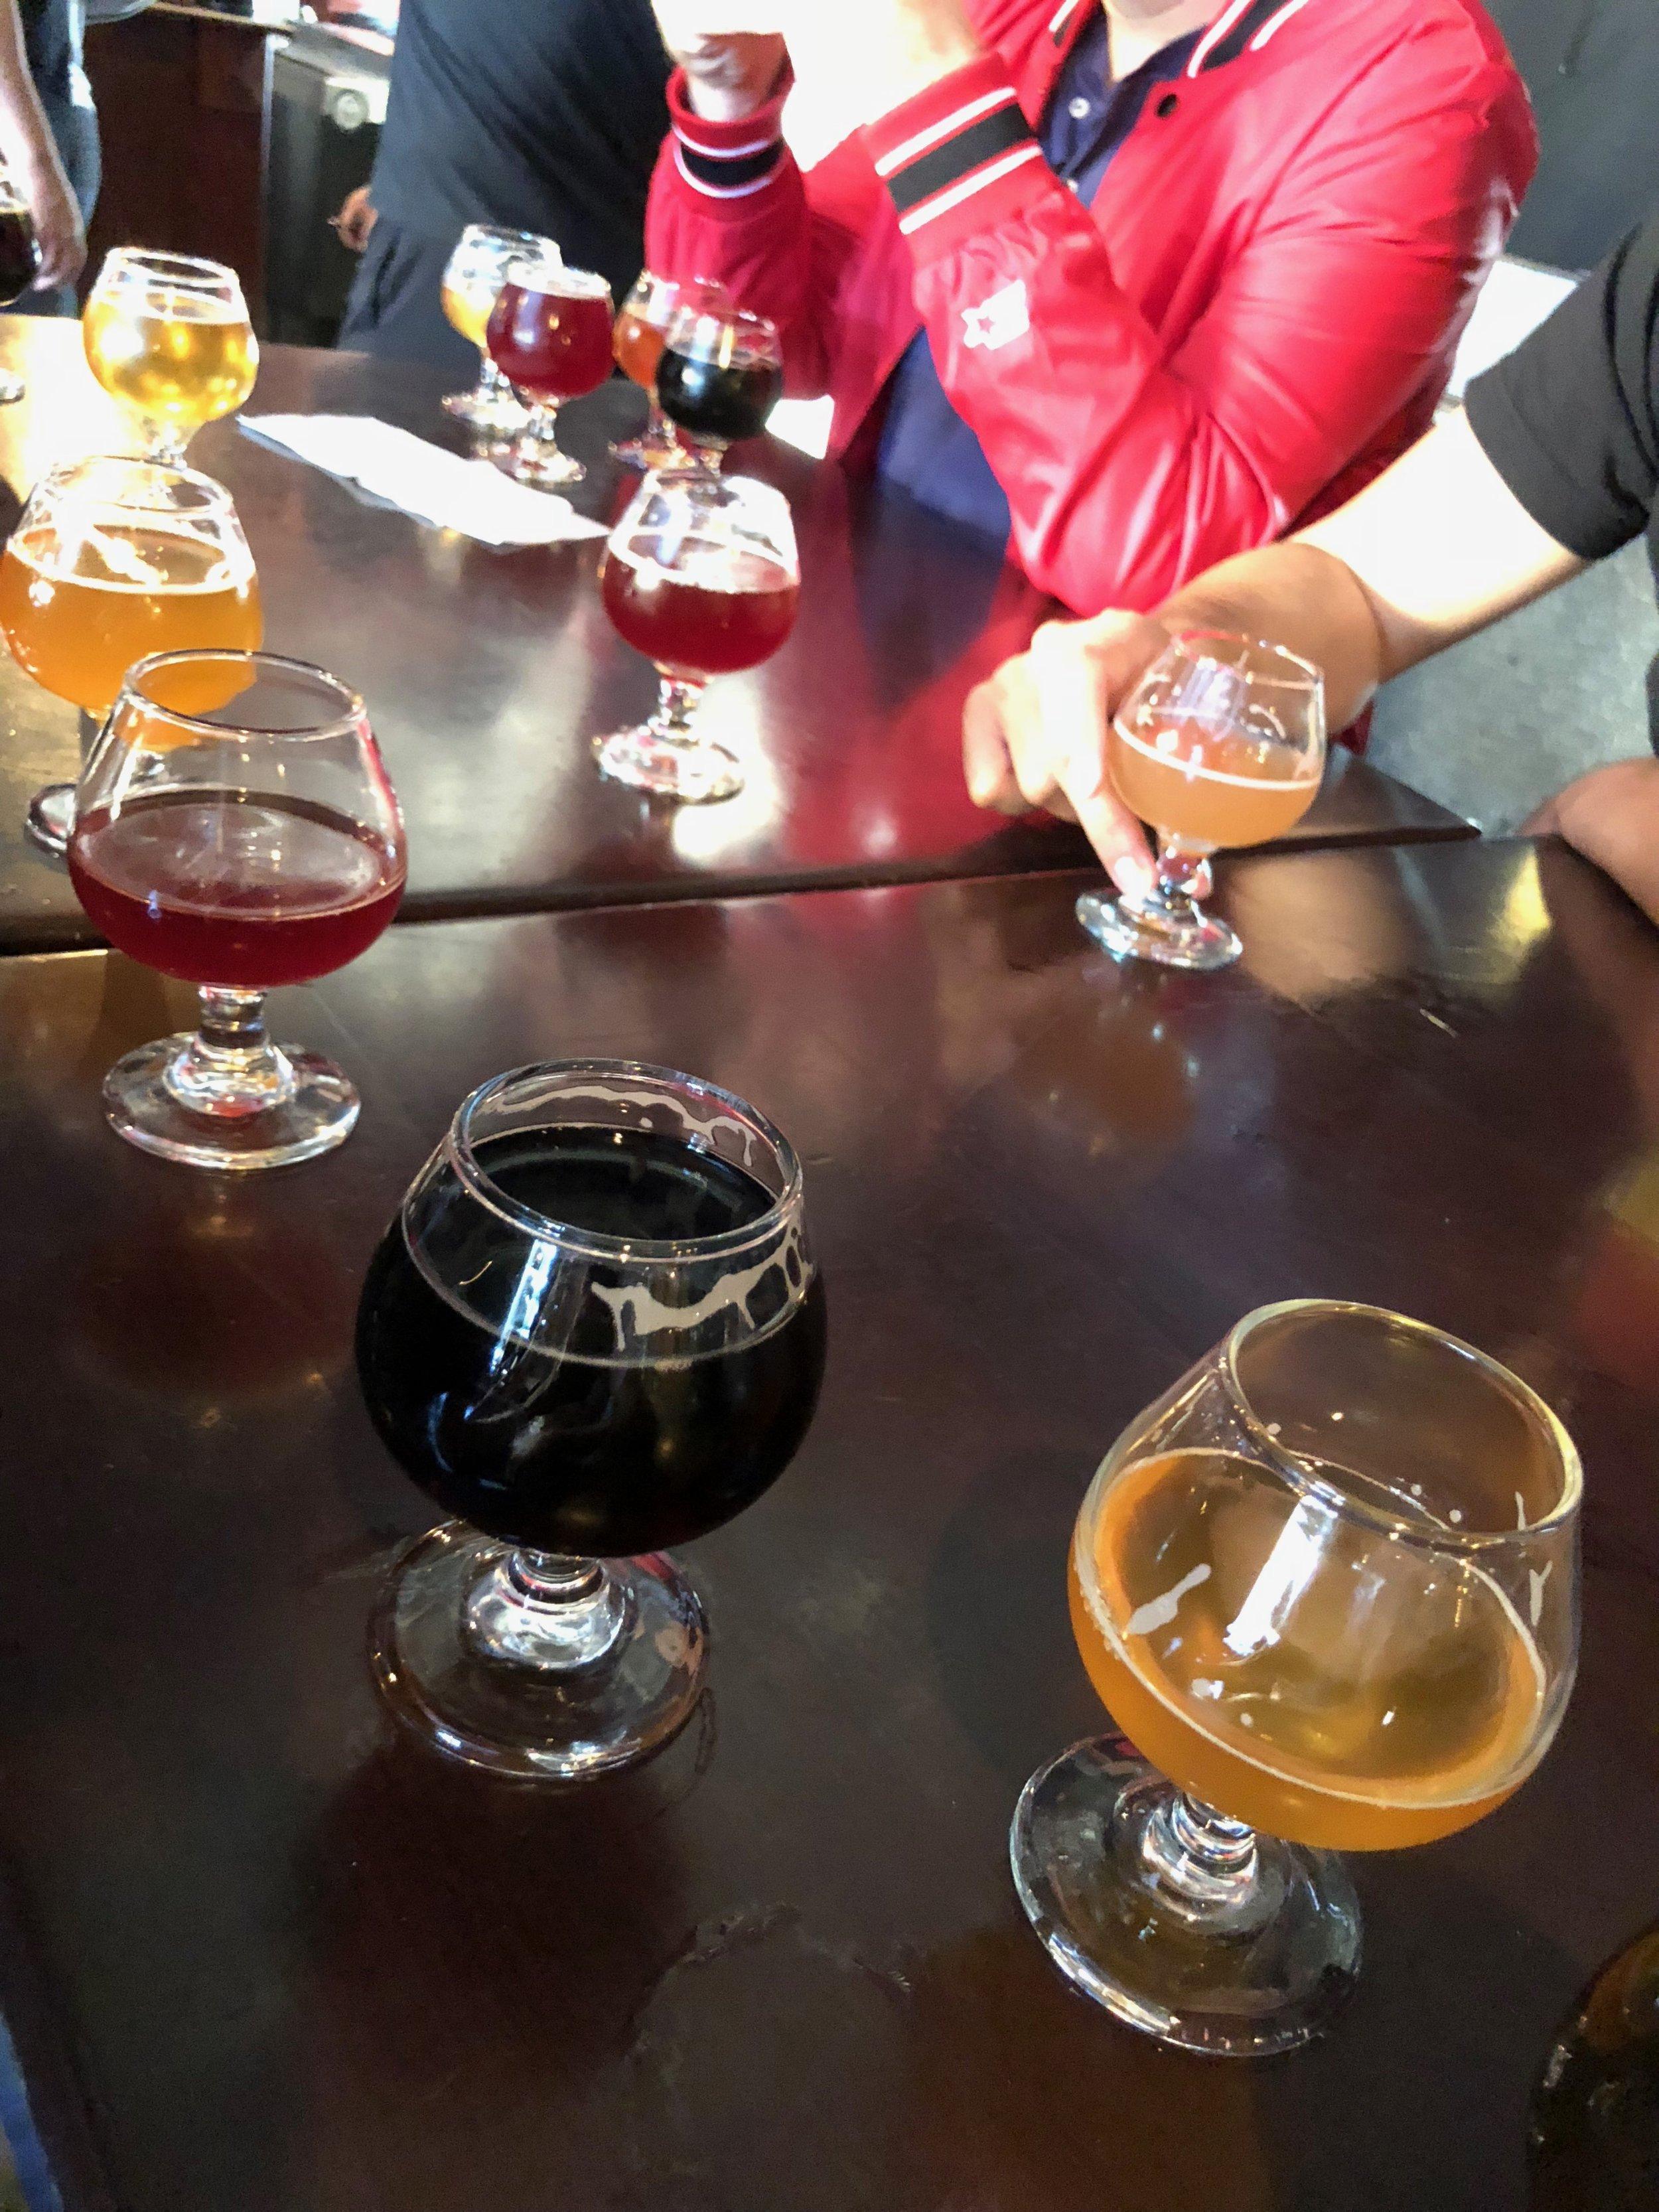 Beers at Border X in San Diego. Photo by Javier Cabral